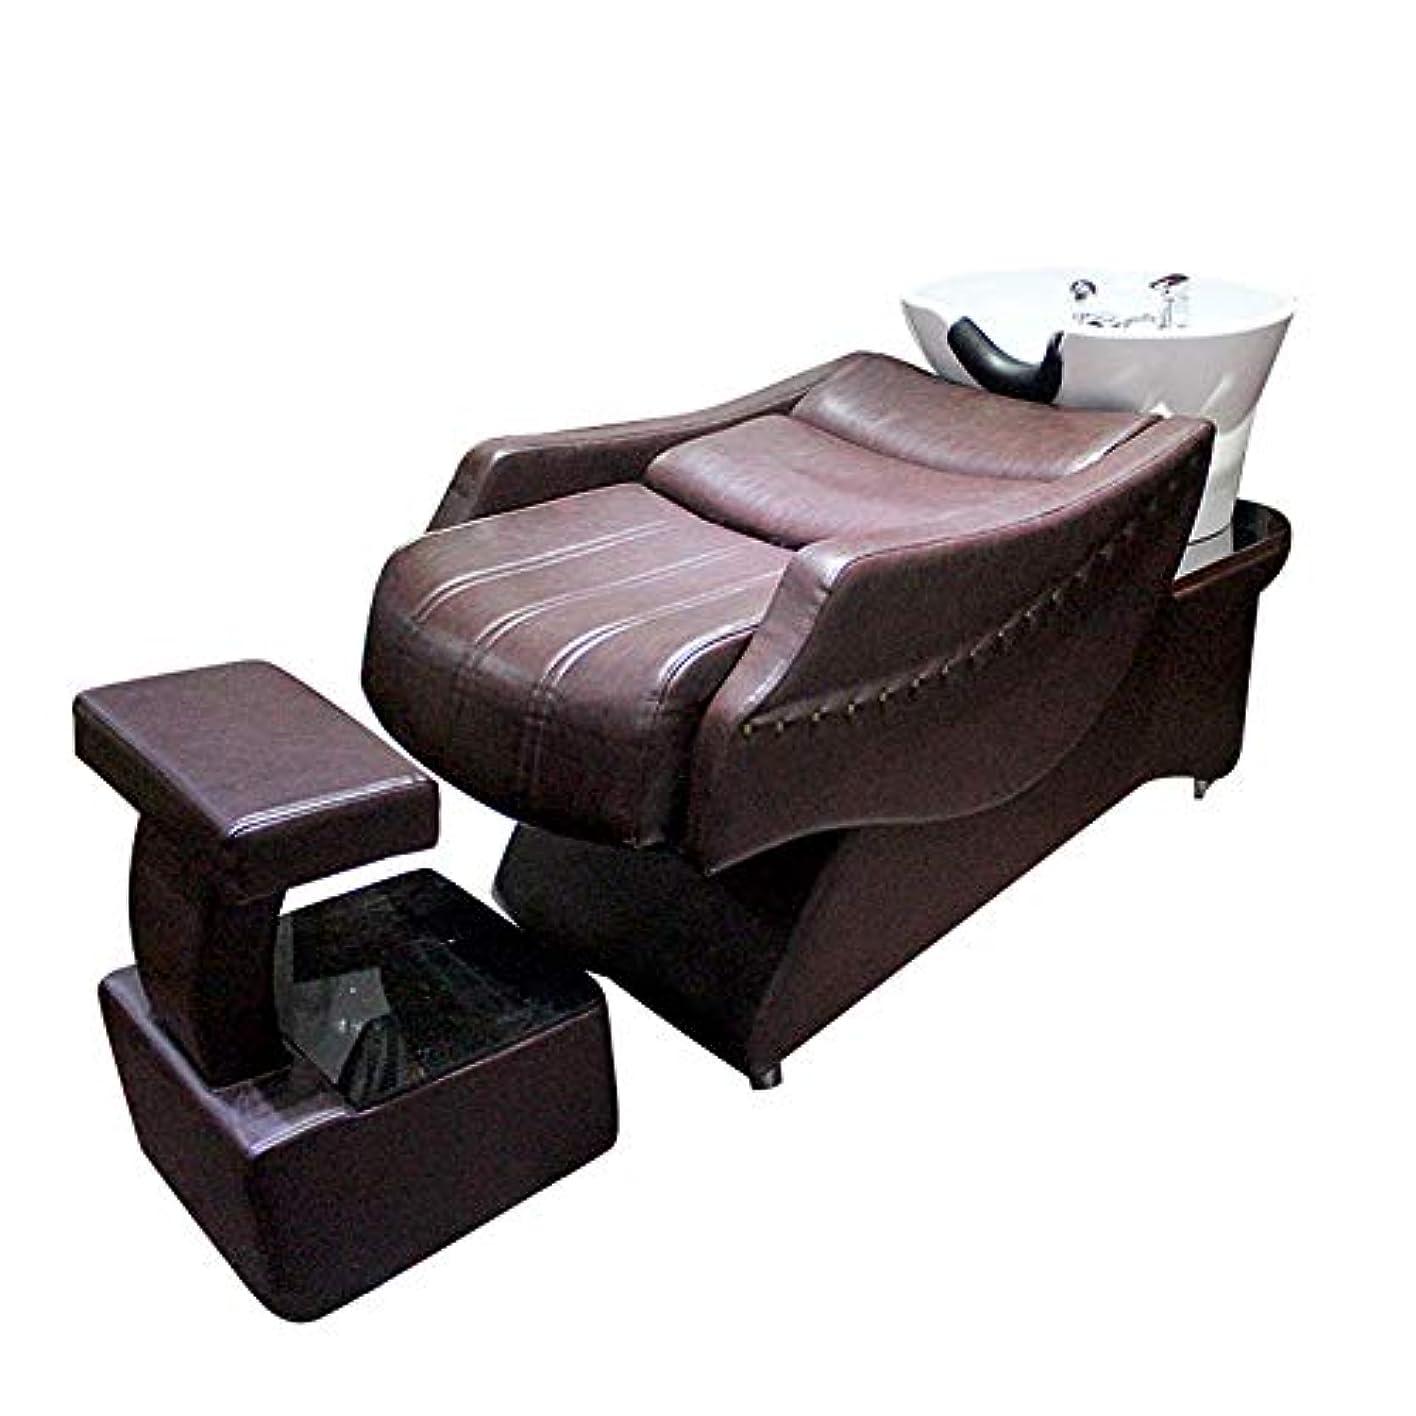 サスペンド東測定可能シャンプーチェア、半横になっているシャンプーベッドの逆洗ユニットシャンプーボウル理髪シンクシンクチェア用スパ美容院機器